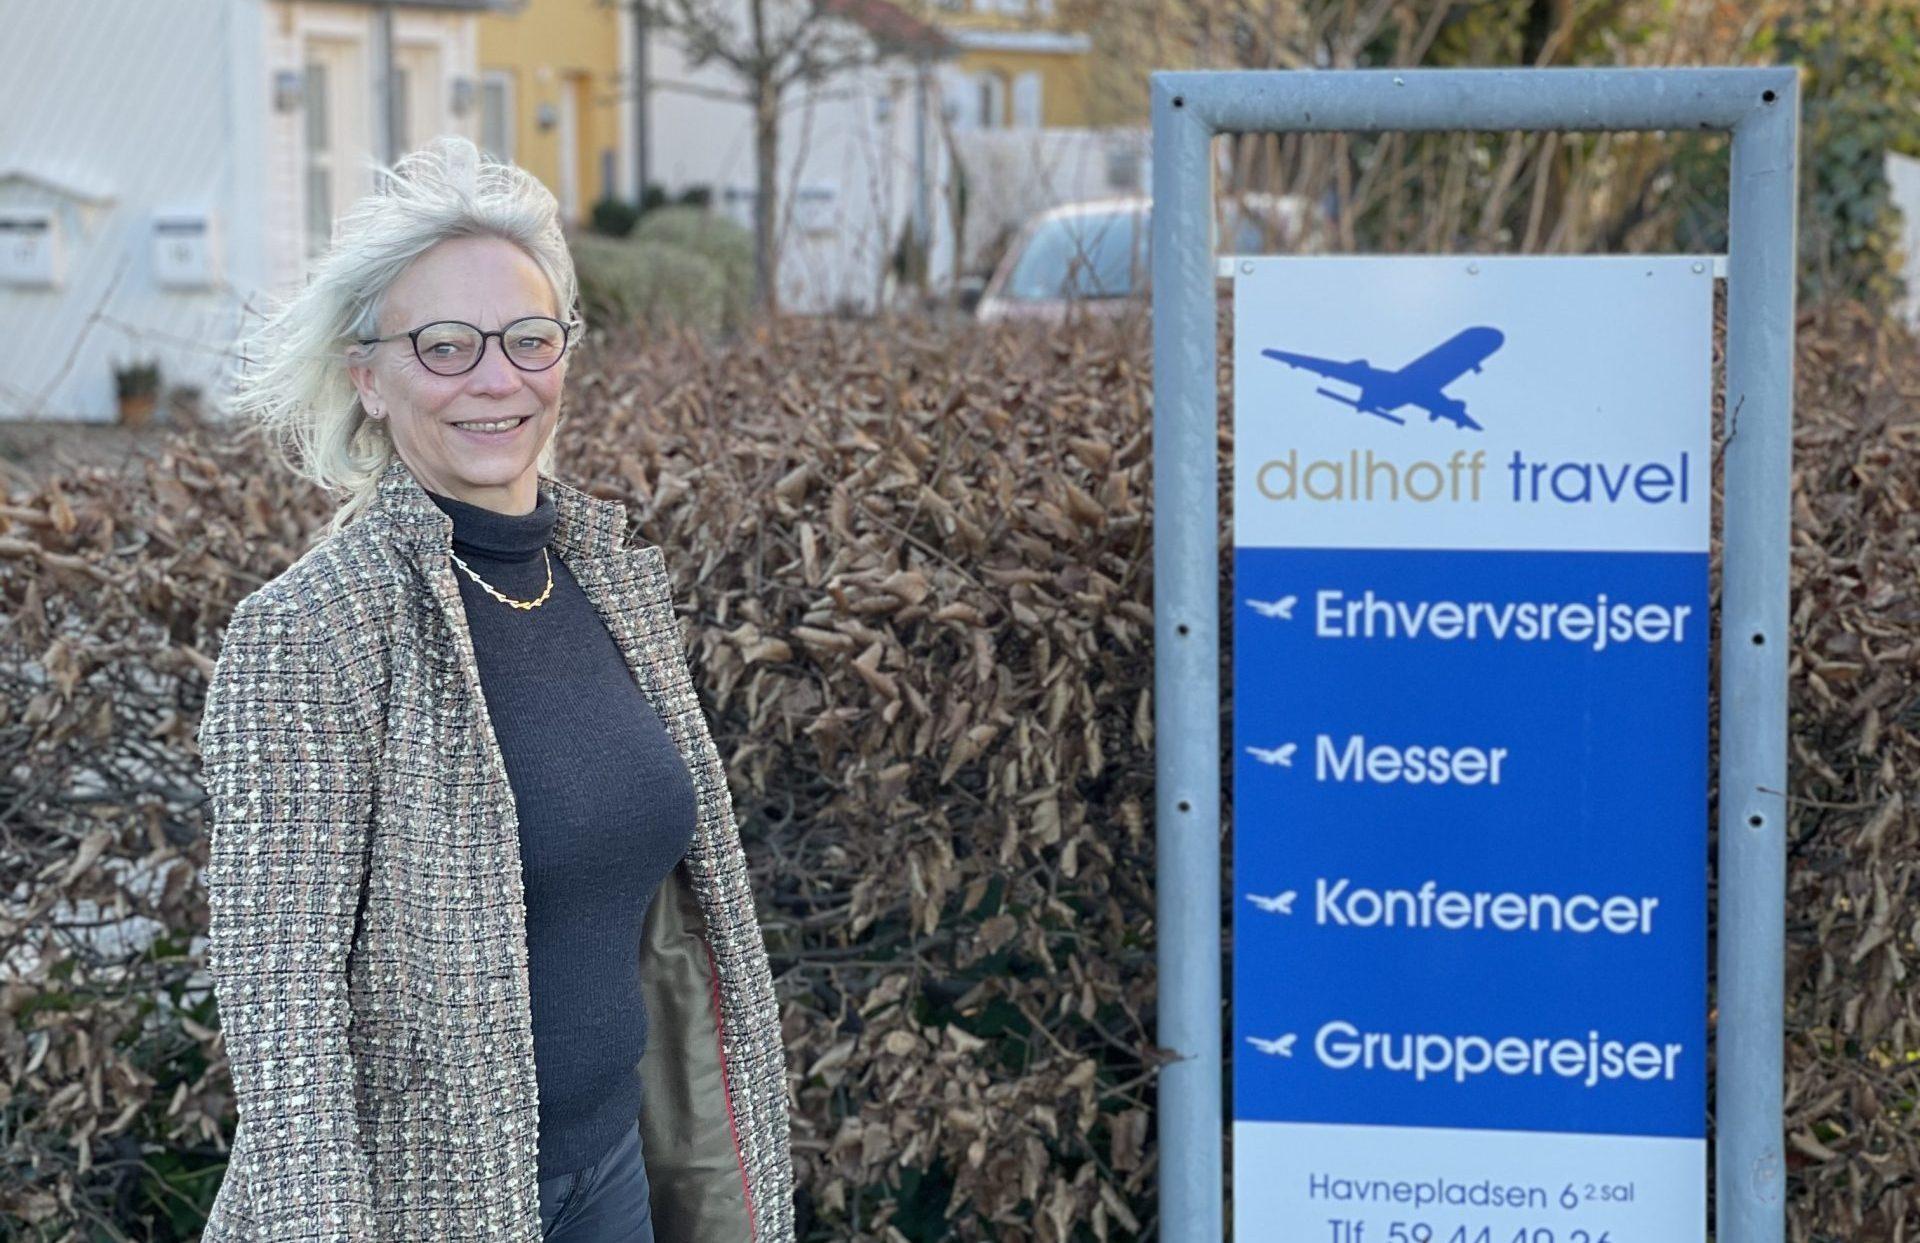 Tina Dalhoff, ejer af og administrerende direktør for erhvervsrejsebureauet Dalhoff Travel i Holbæk. Privatfoto.